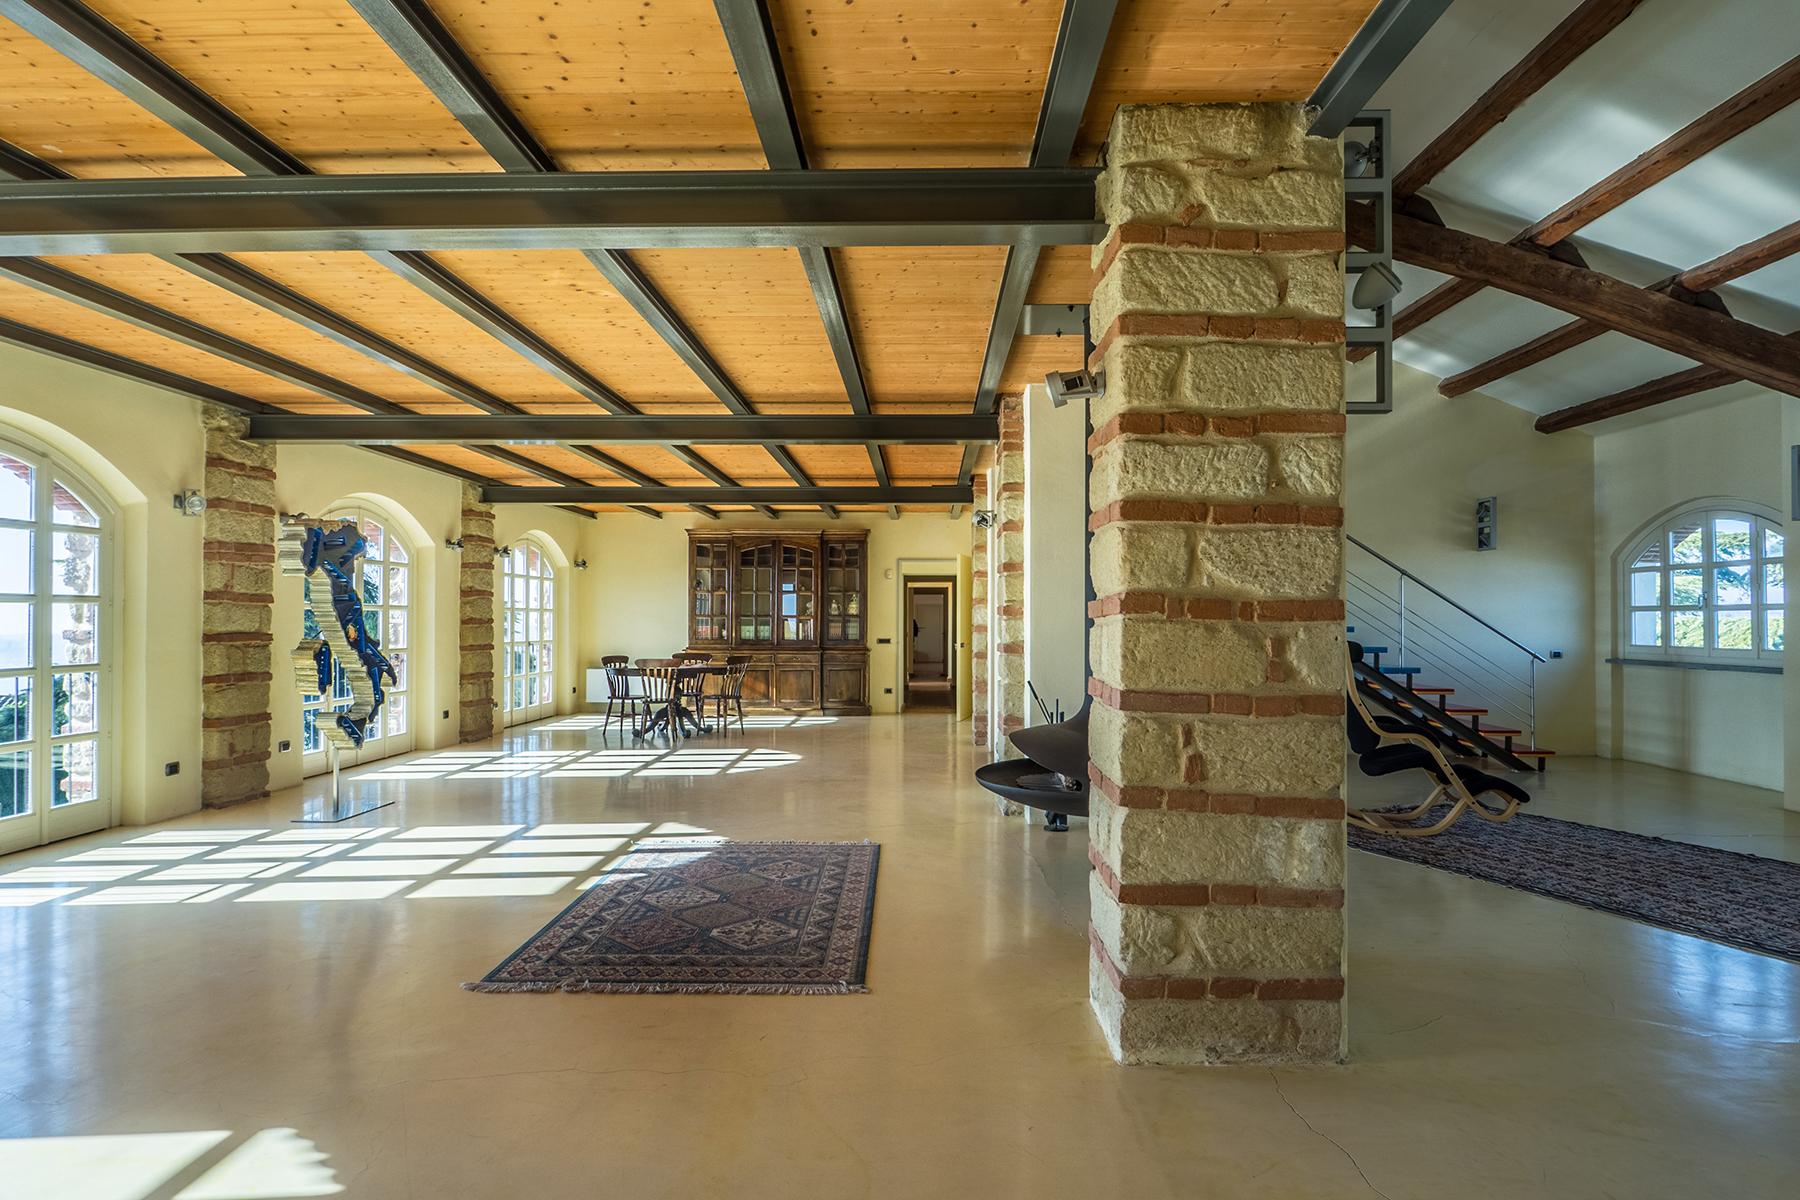 Rustico in Vendita a Vignale Monferrato: 5 locali, 1400 mq - Foto 22